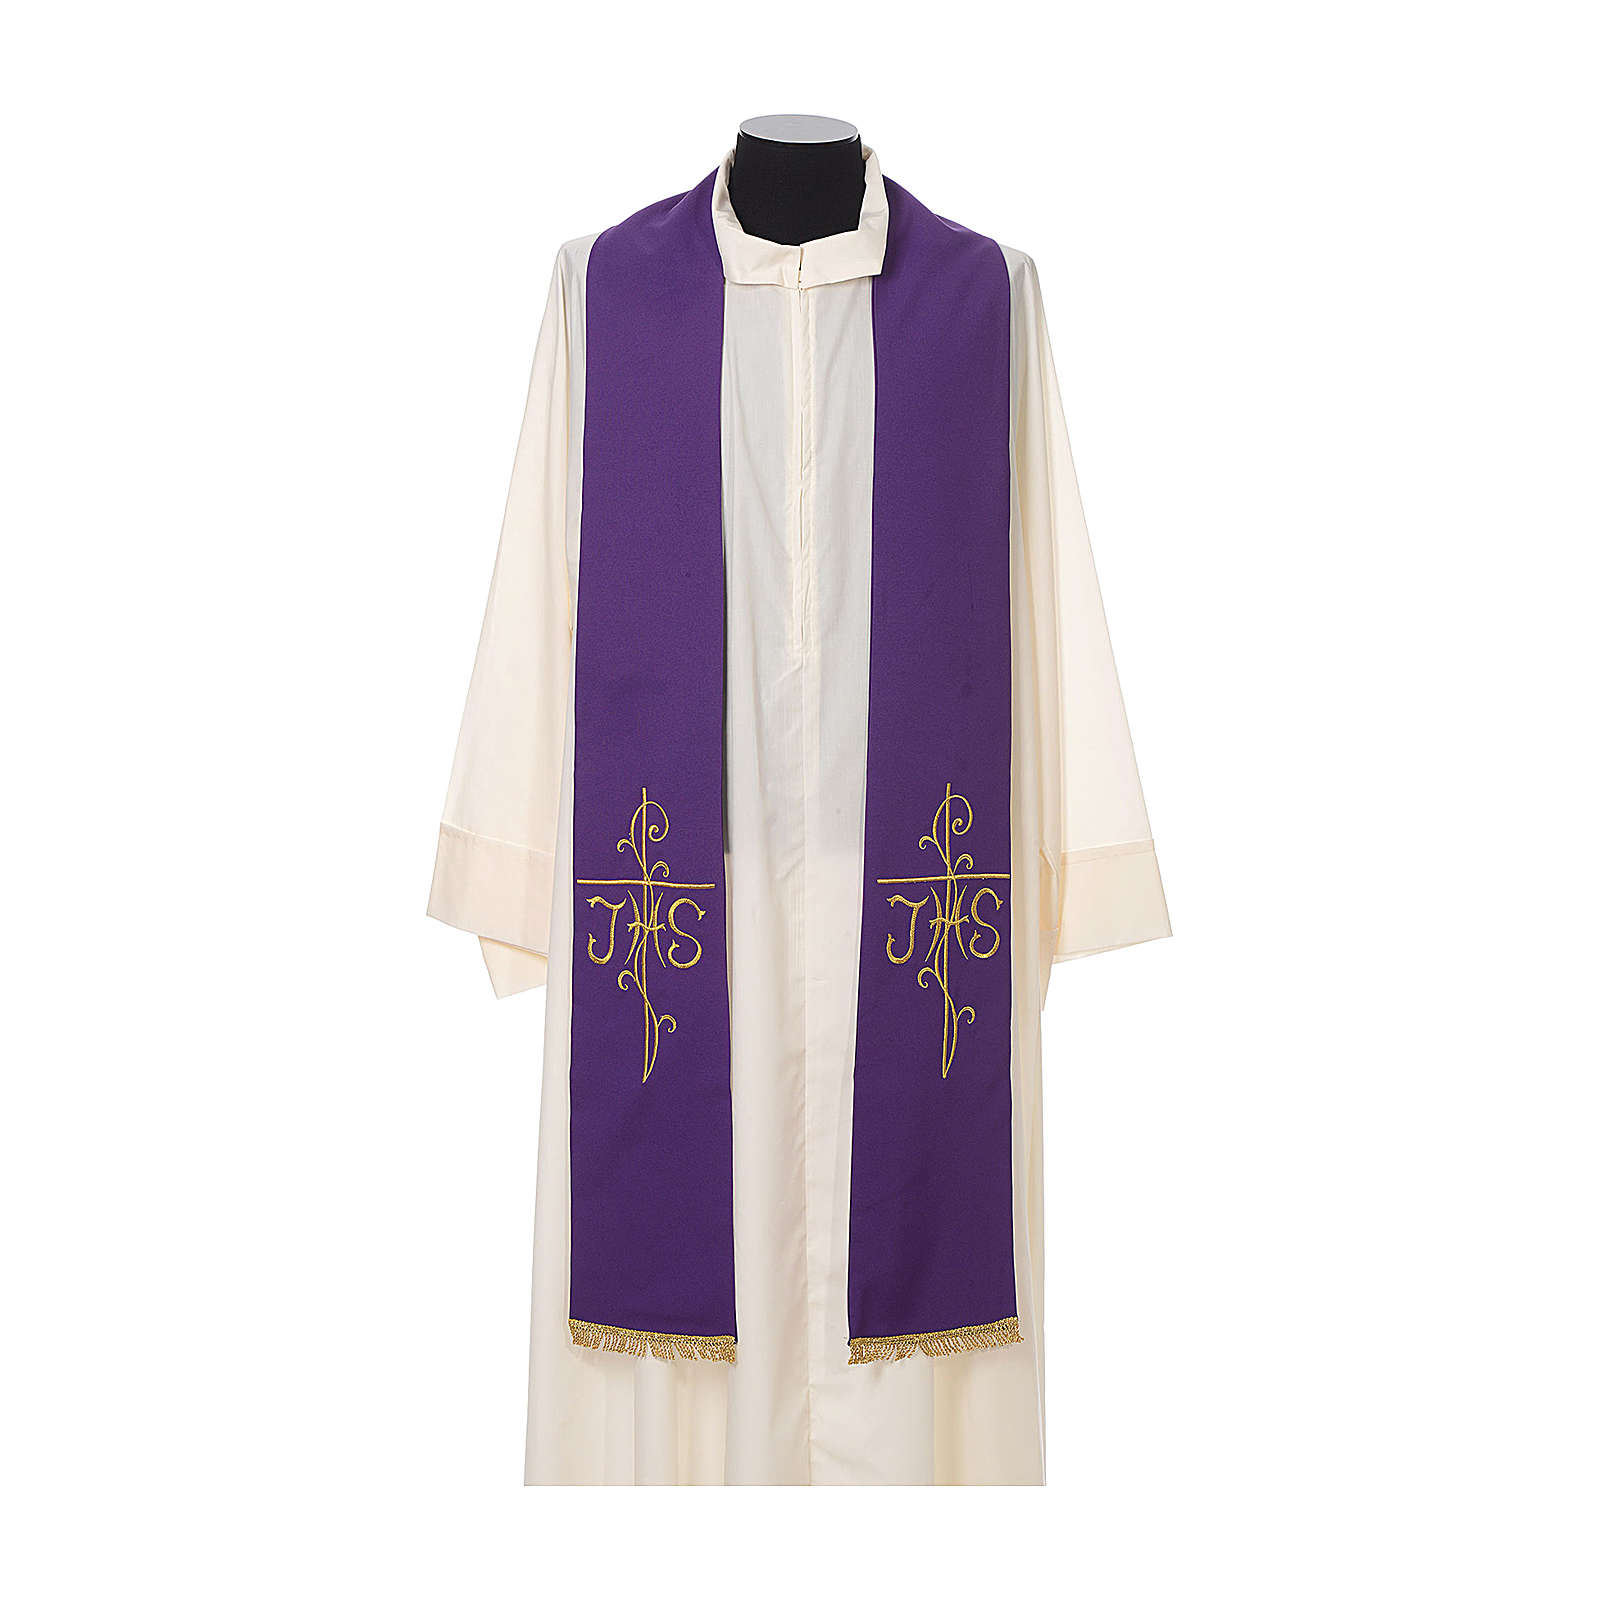 Estola sacerdotal bordado dourado cruz IHS dois lados tecido poliéster 4